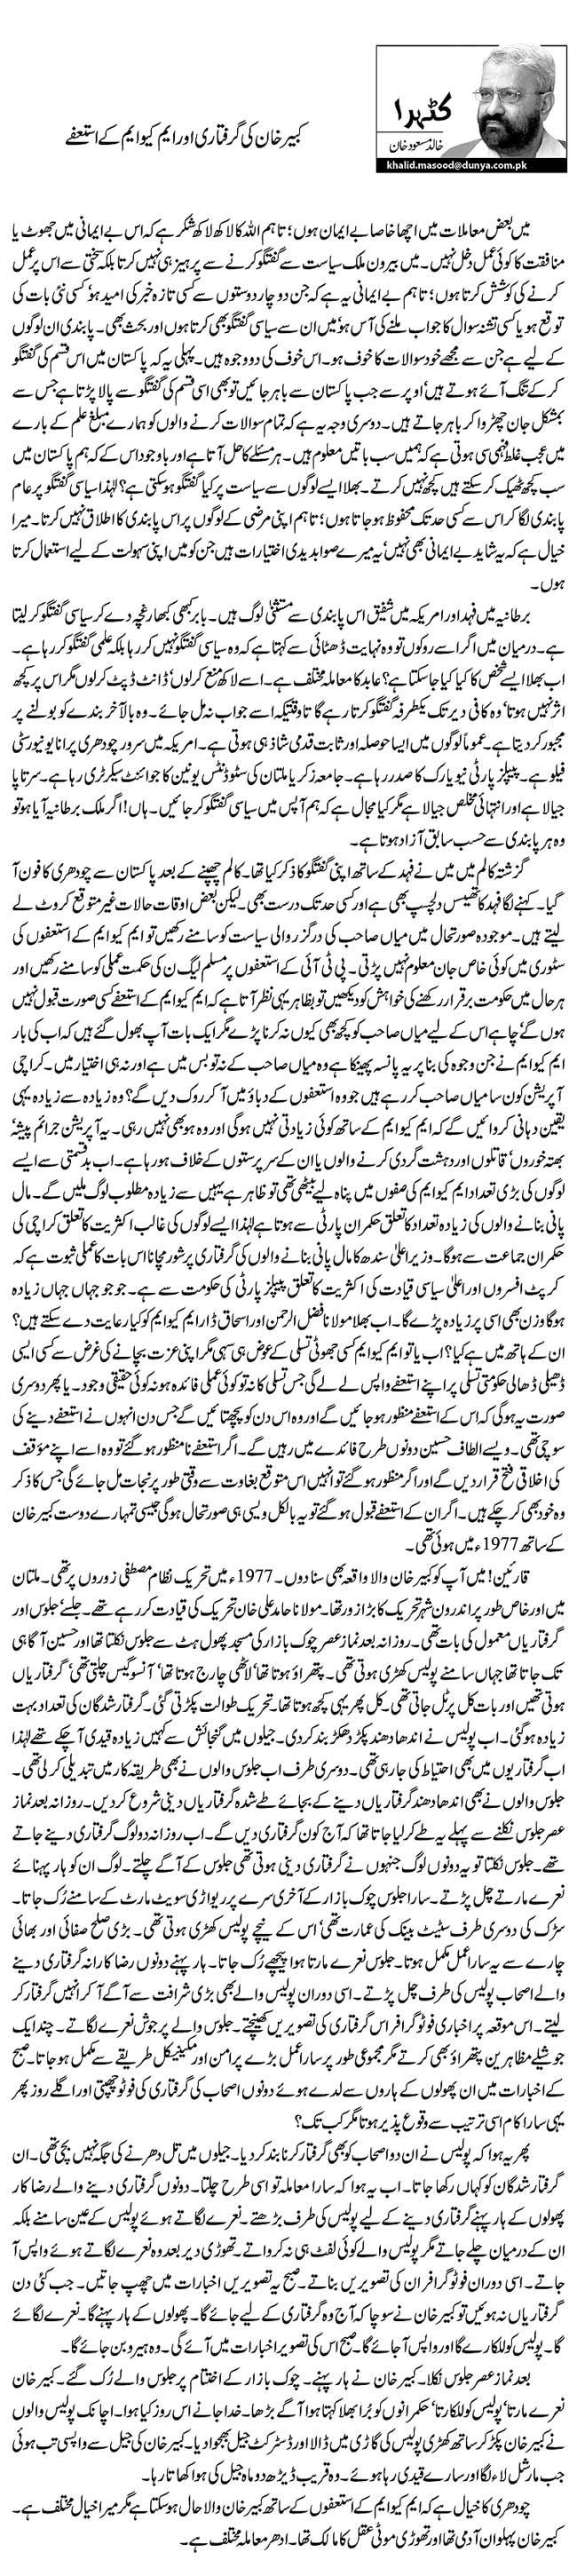 کبیر خان کی گرفتاری اور ایم کیو ایم کے استعفے